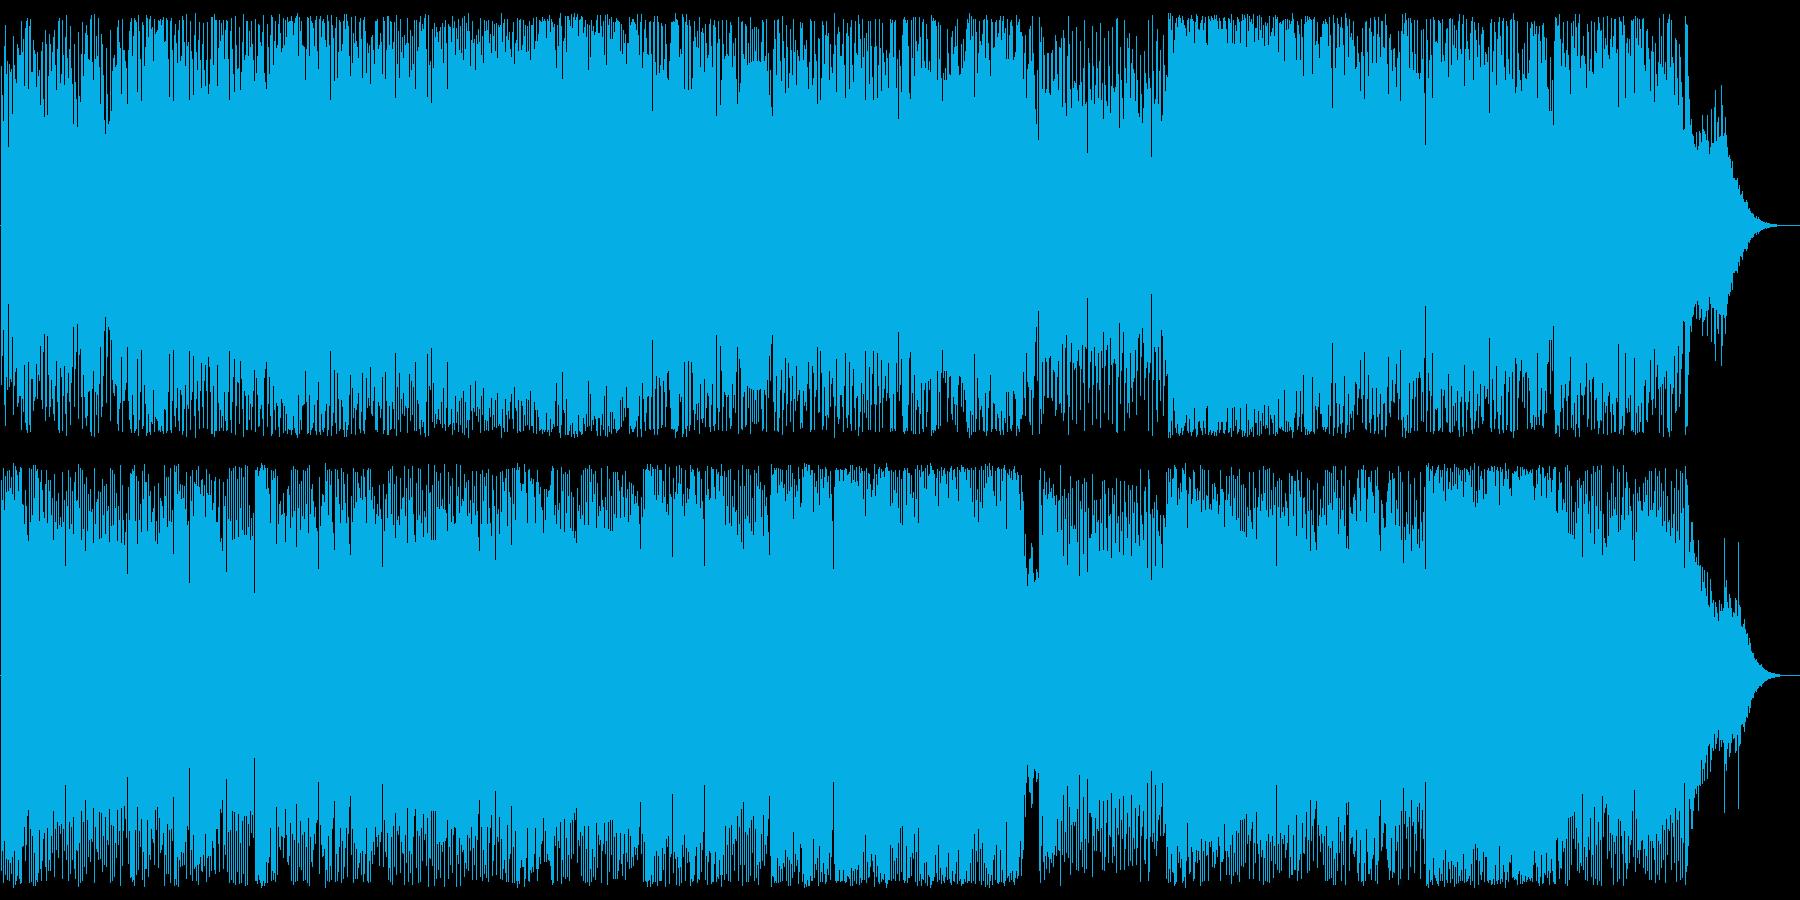 艶やかで軽快なテクノビートポップサウンドの再生済みの波形